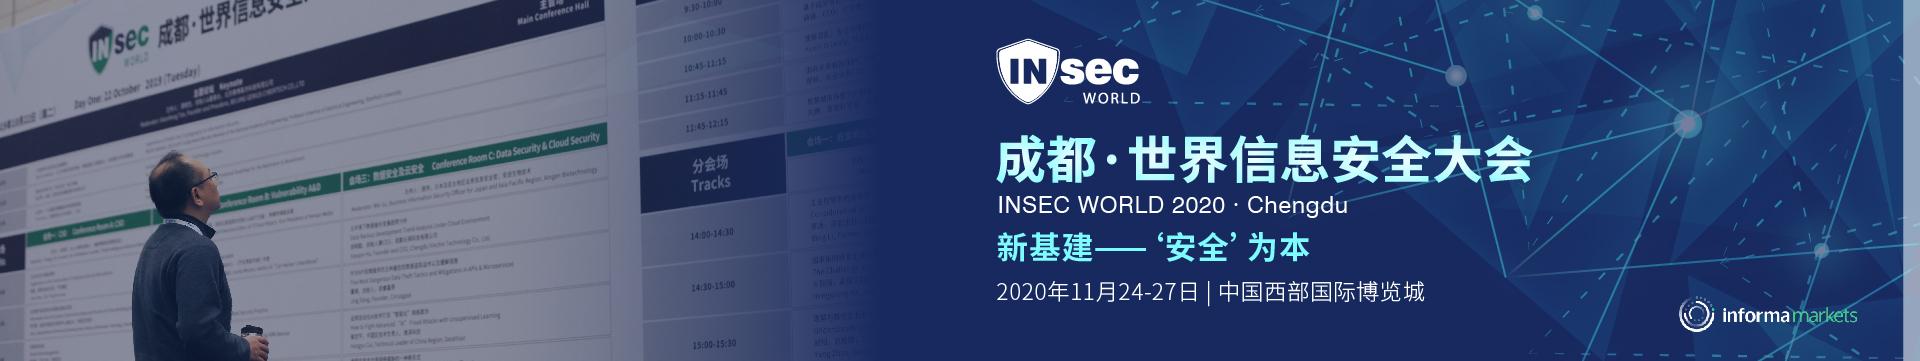 成都·2020世界信息安全大会 INSEC WORLD